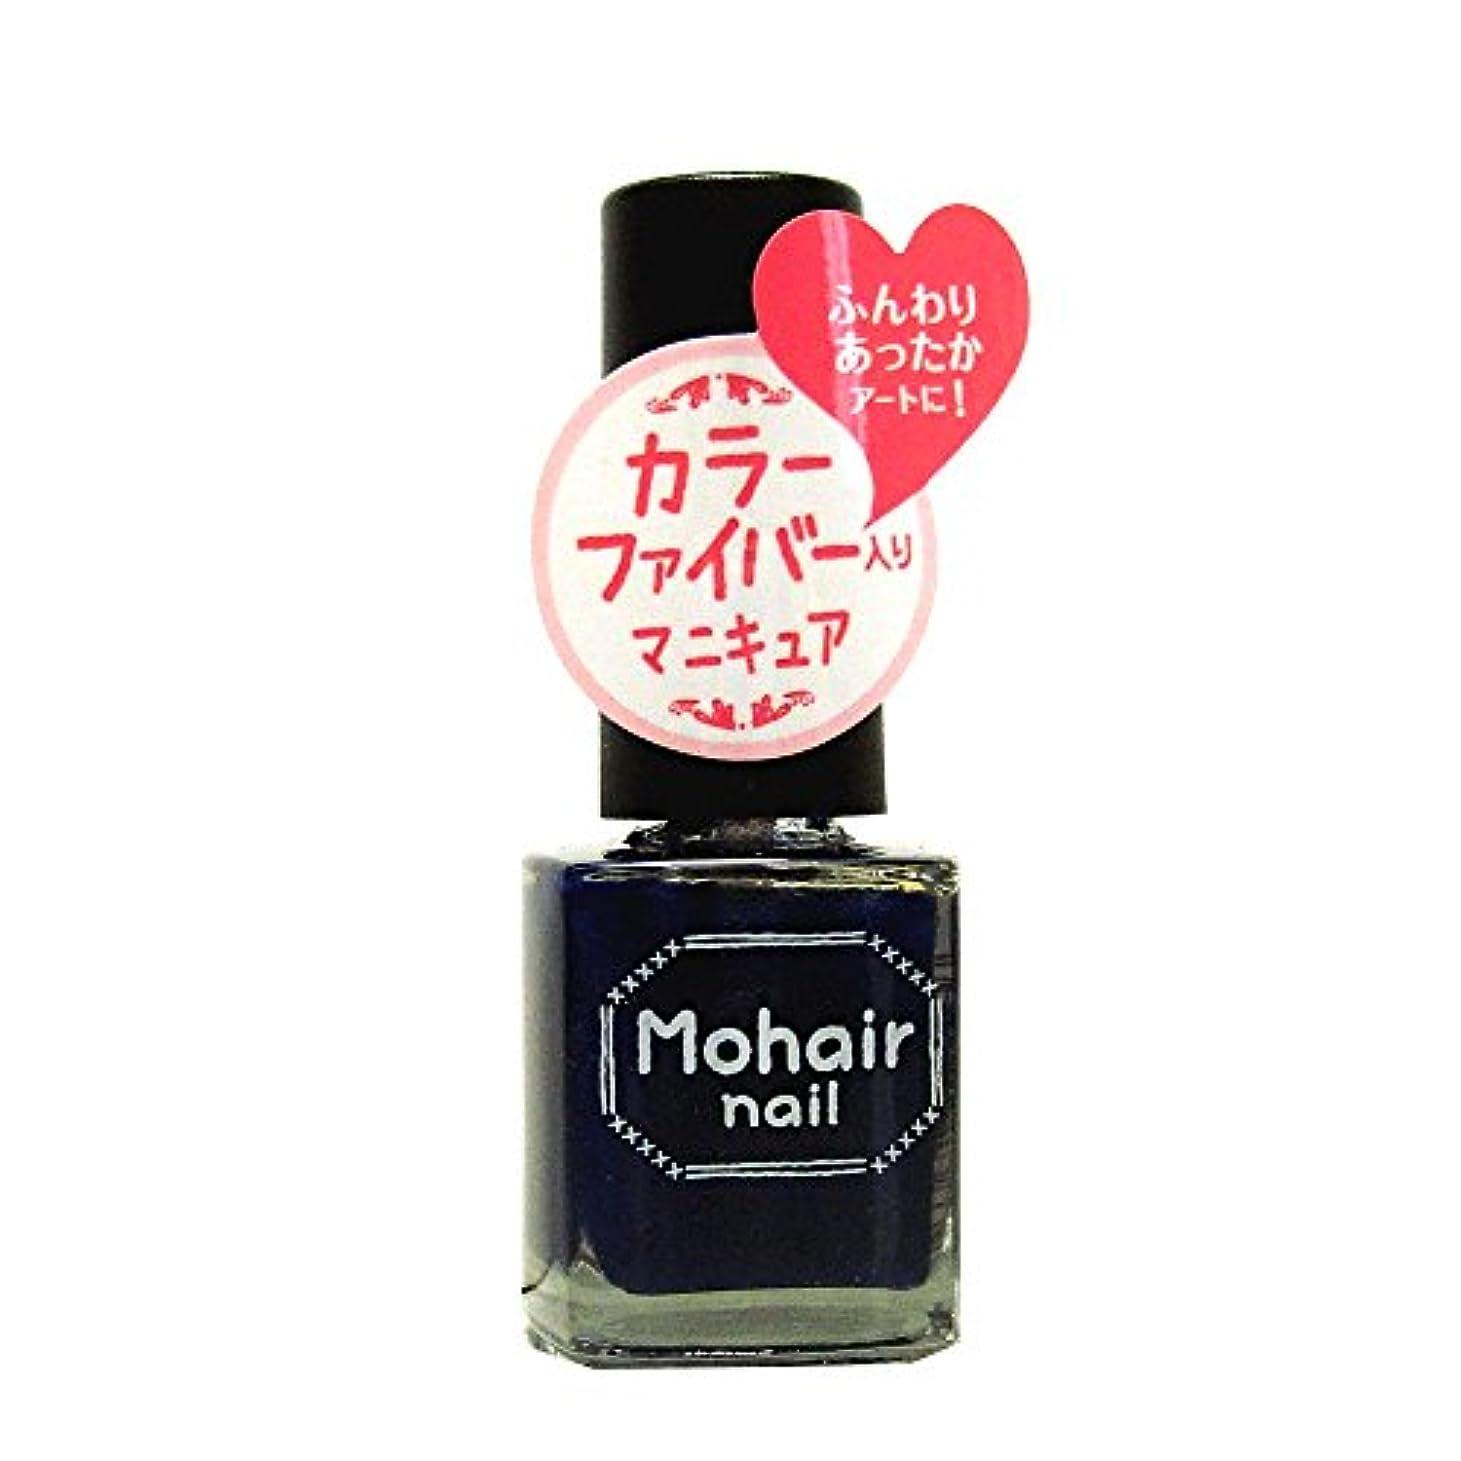 到着する寛大なゴミTM モヘアネイル(爪化粧料) TMMH1602 マリンブルー